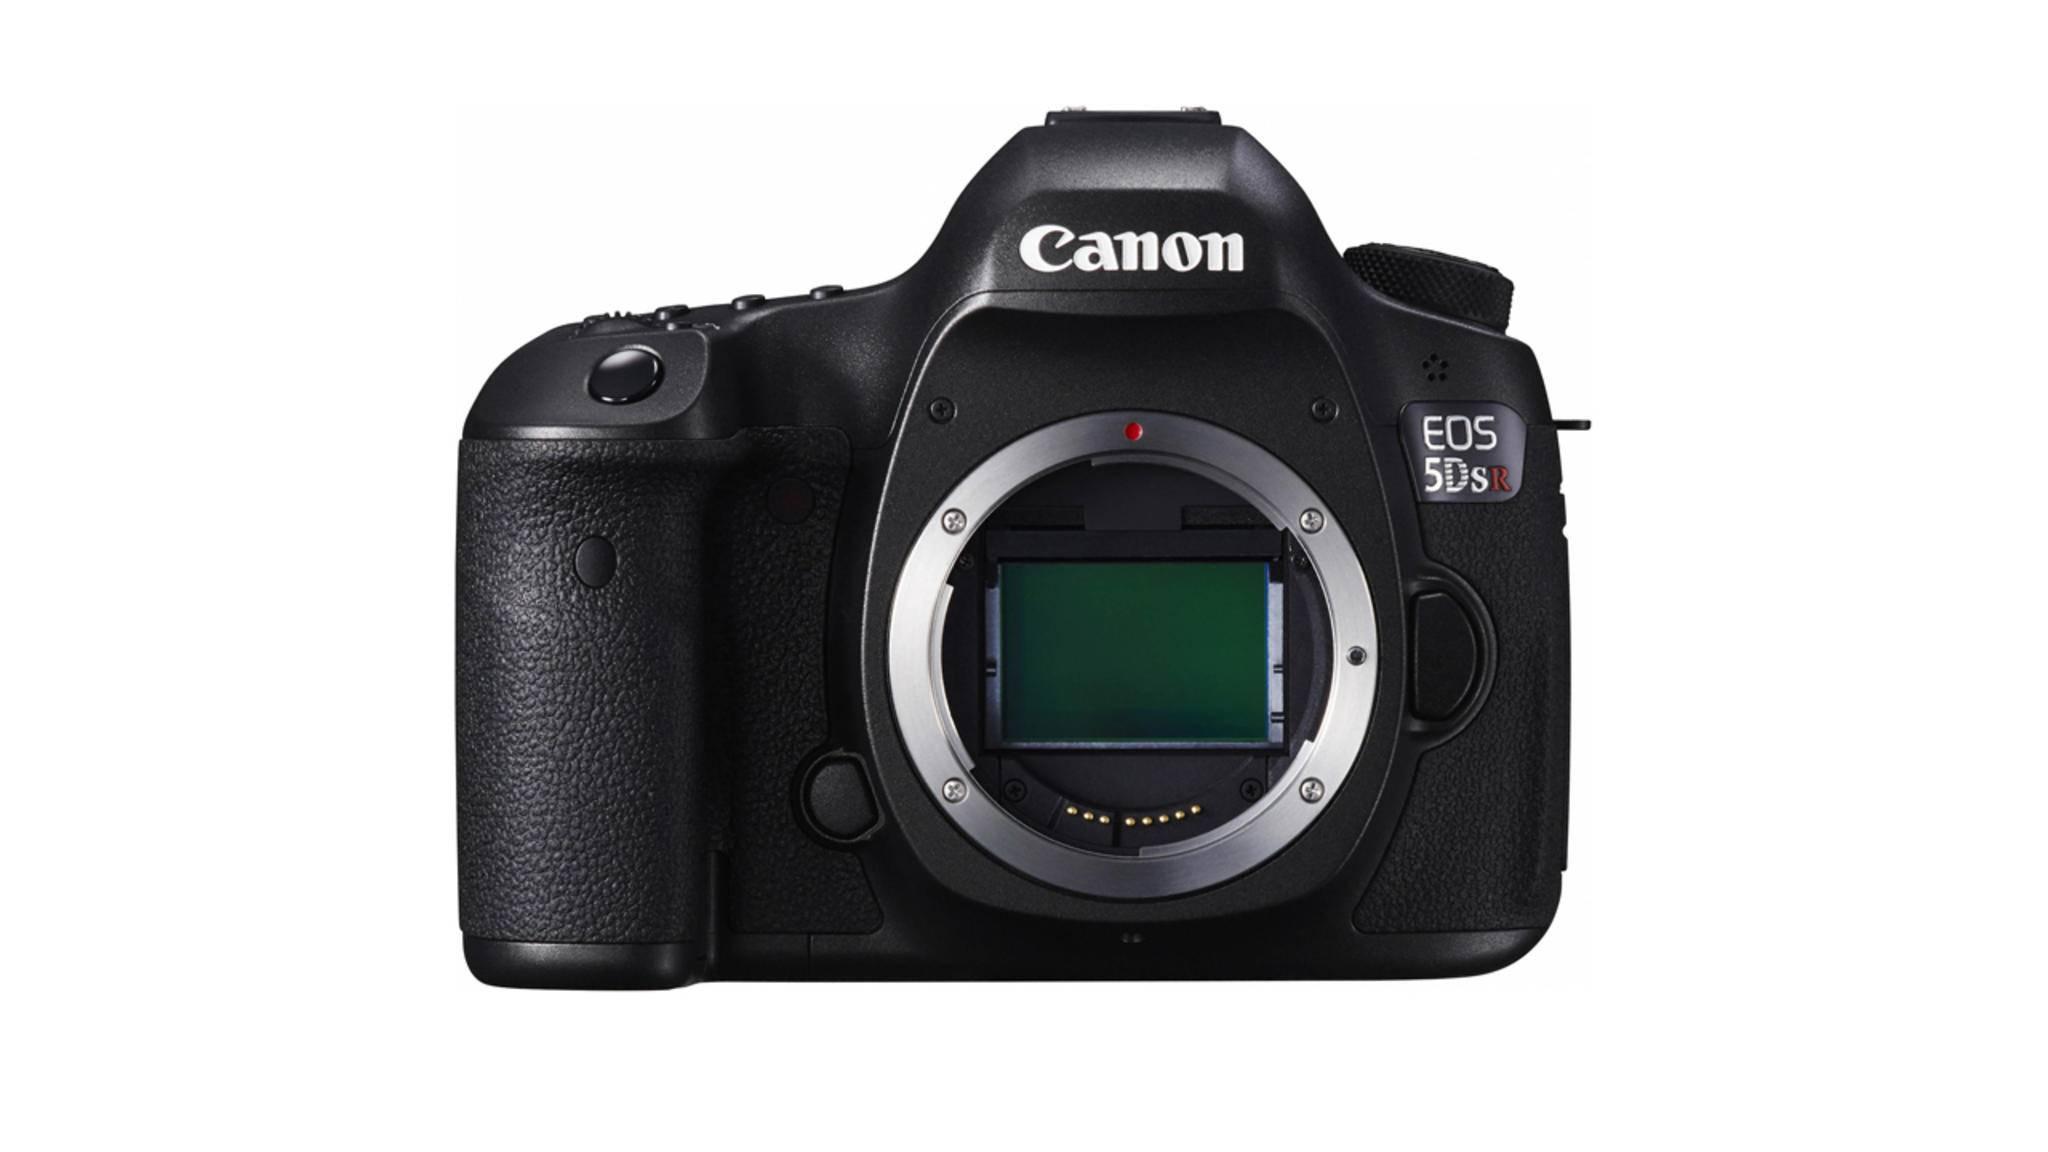 Statt einer Nachfolgerin für die EOS 5DS und 5DS R plant Canon angeblich eine neue EOS R.